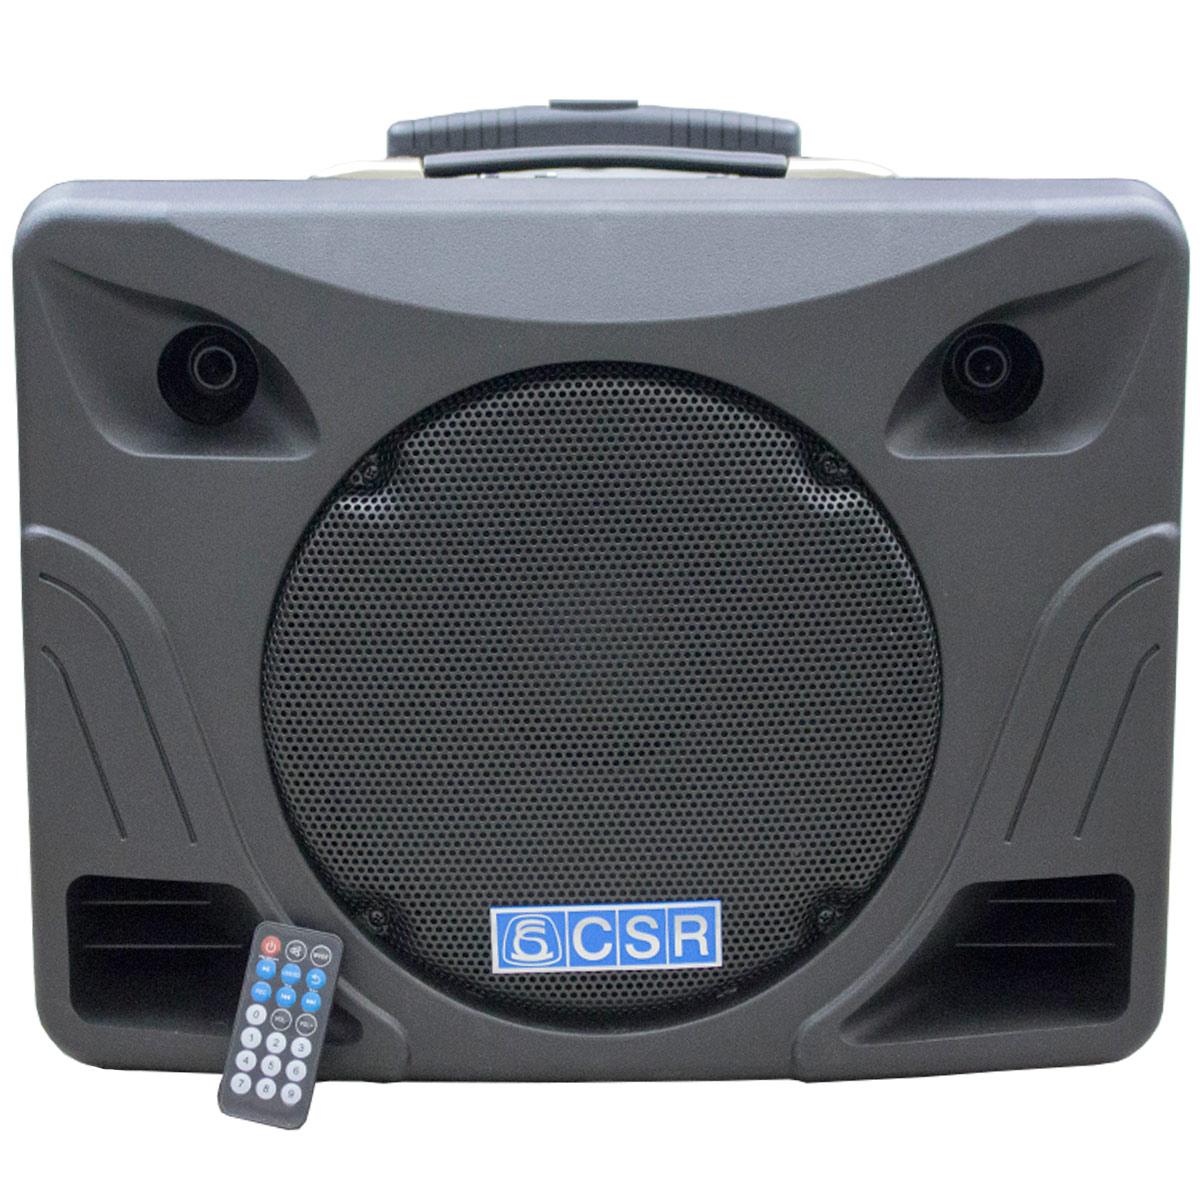 Cubo Multiuso Ativo Fal 12 Pol 100W c/ USB / Bluetooth - MT 12 A CSR